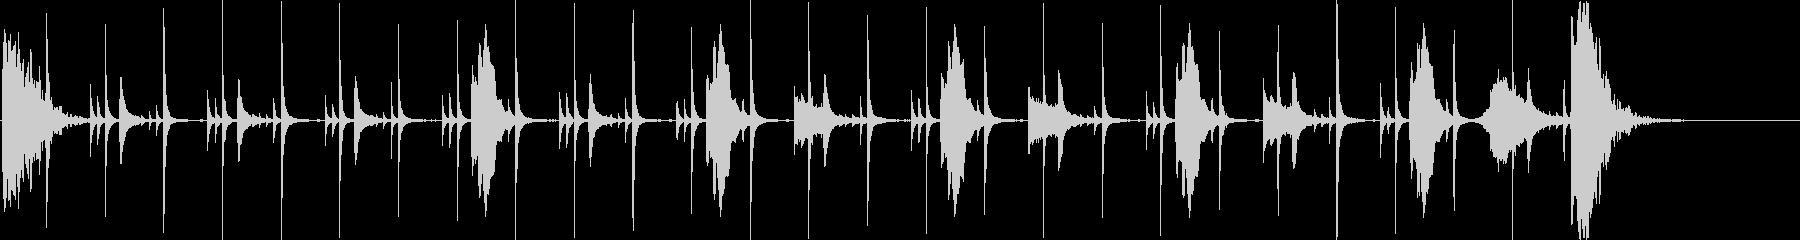 暗く不気味な金属音のリズムの未再生の波形